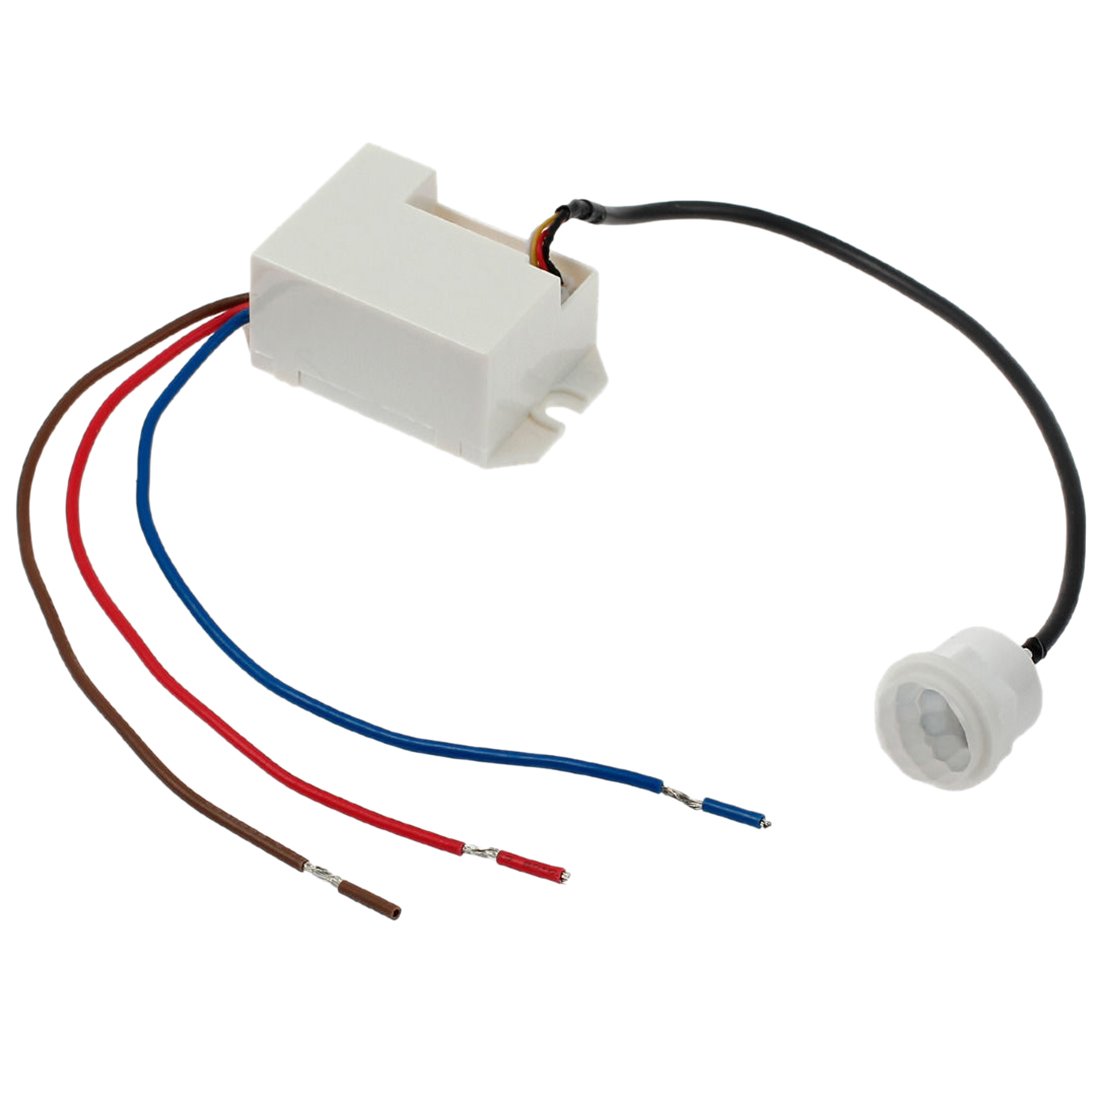 купить 360 Degree Recessed PIR Sensor Detector Ceiling Occupancy Motion Light Switch по цене 336.68 рублей